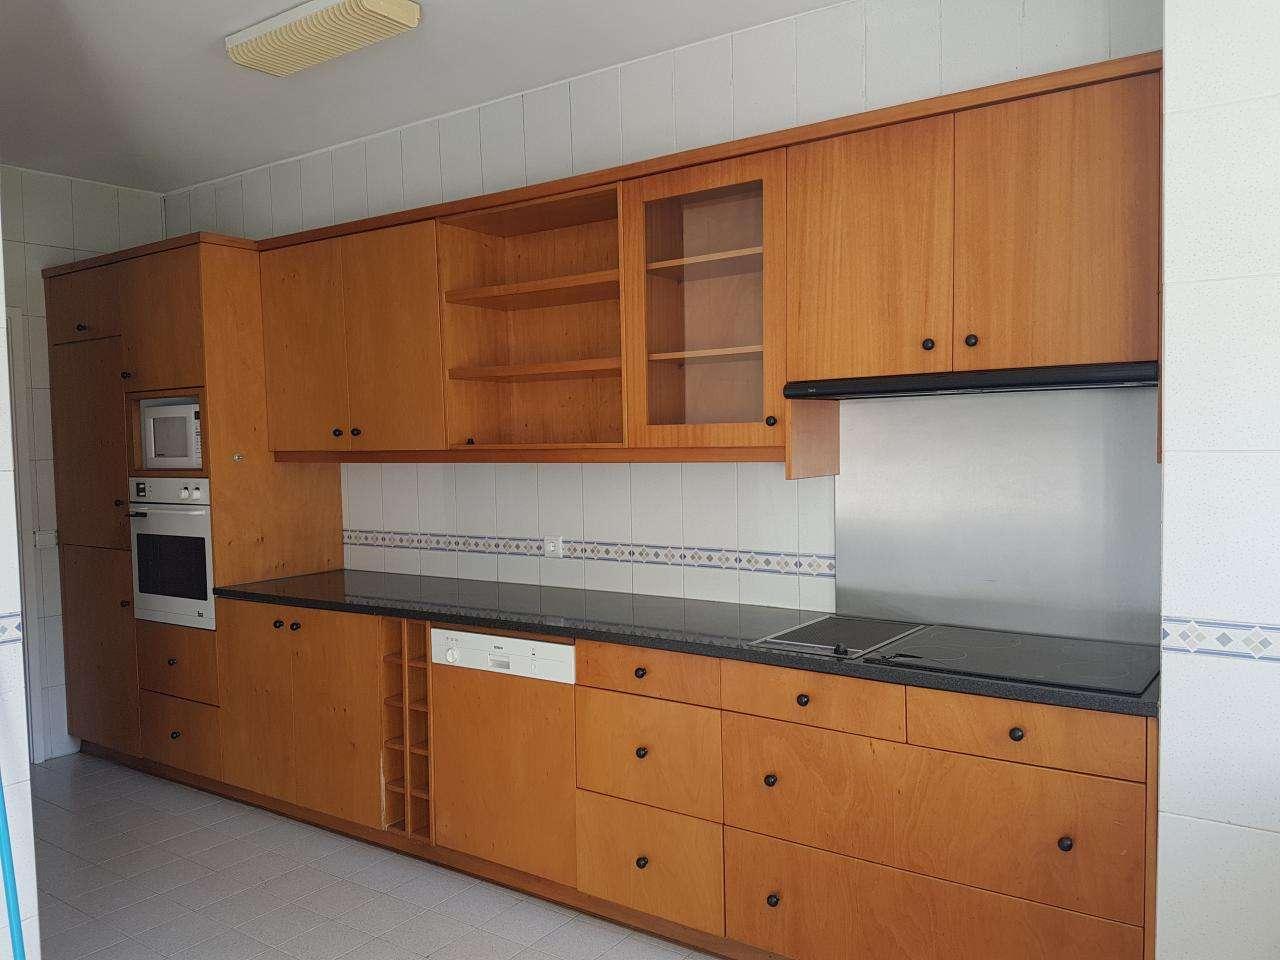 Apartamento para comprar, Bem Viver, Marco de Canaveses, Porto - Foto 10